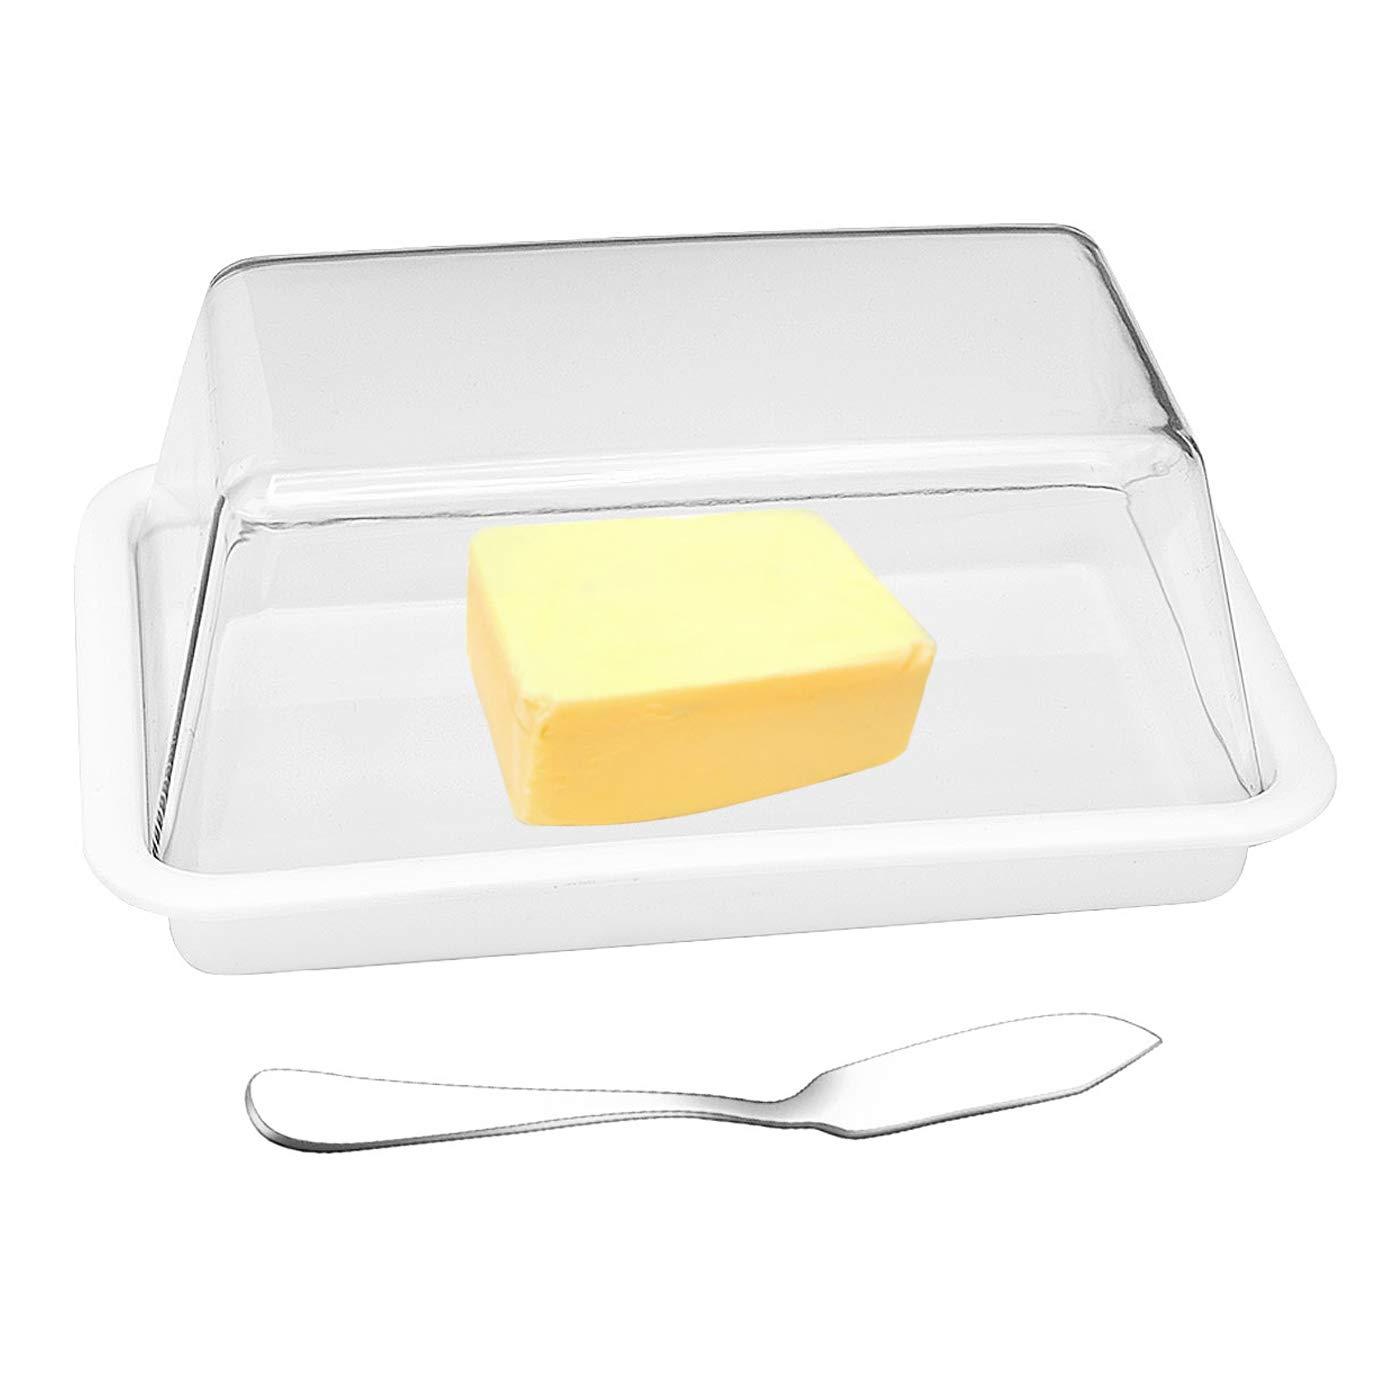 e!Orion Mantequera de plástico con Cuchillo esparcidor de Mantequilla, Bandeja de Almacenamiento Duradera para Mantequilla: Amazon.es: Hogar